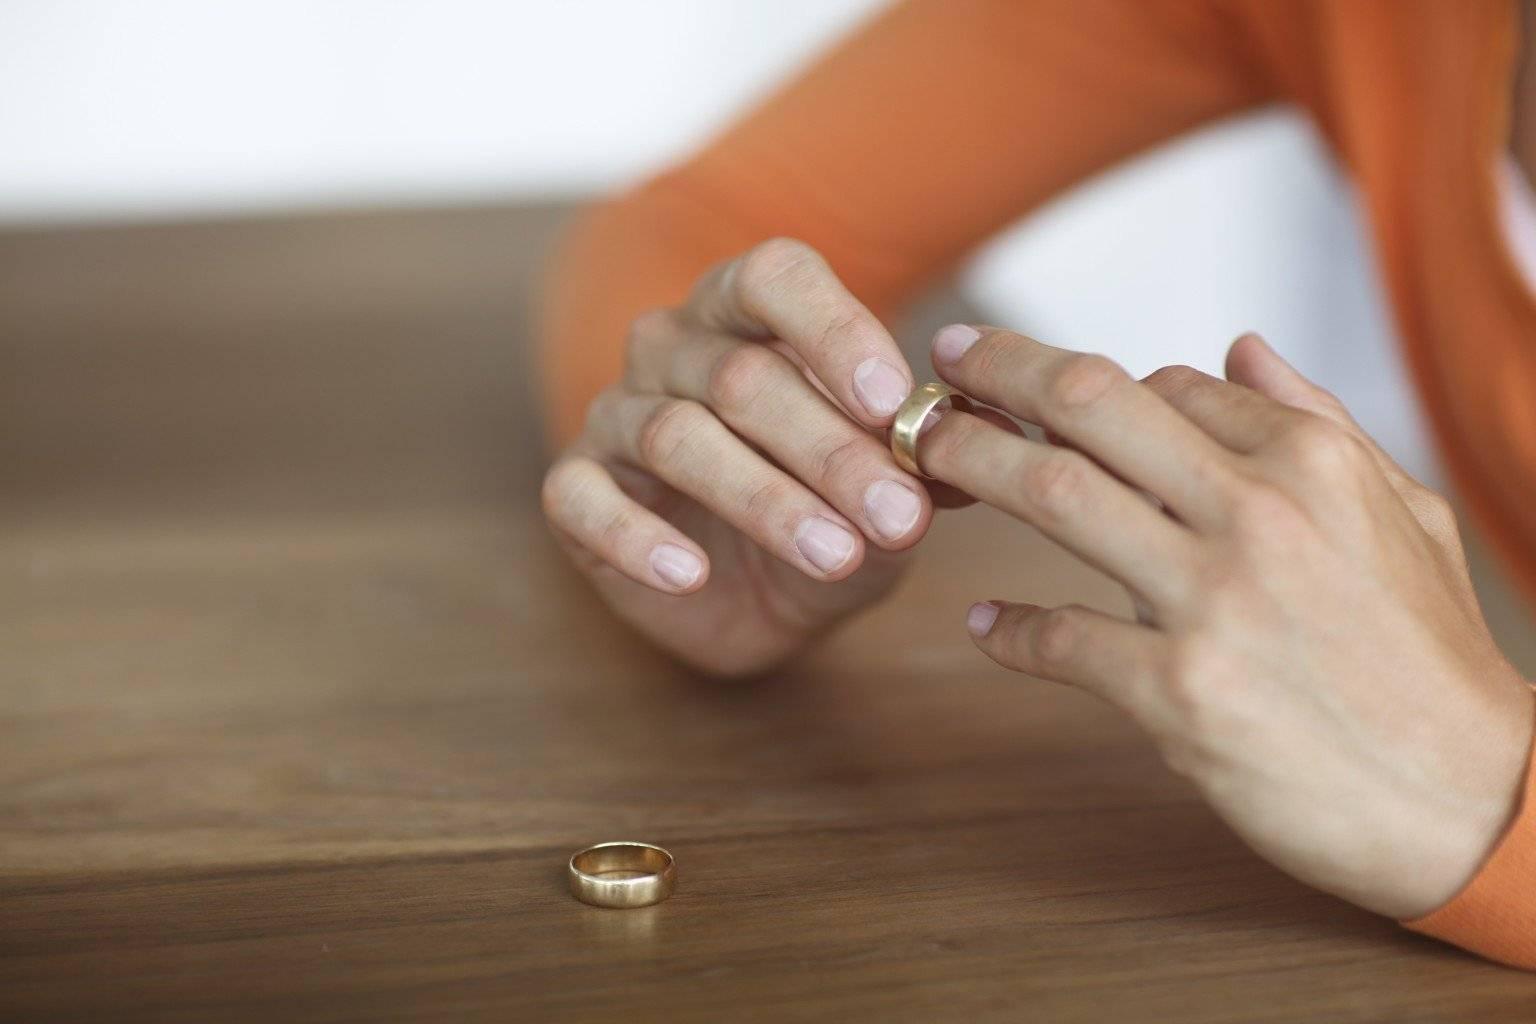 Как объяснить ребенку развод родителей: 7 правил как рассказать о разводе